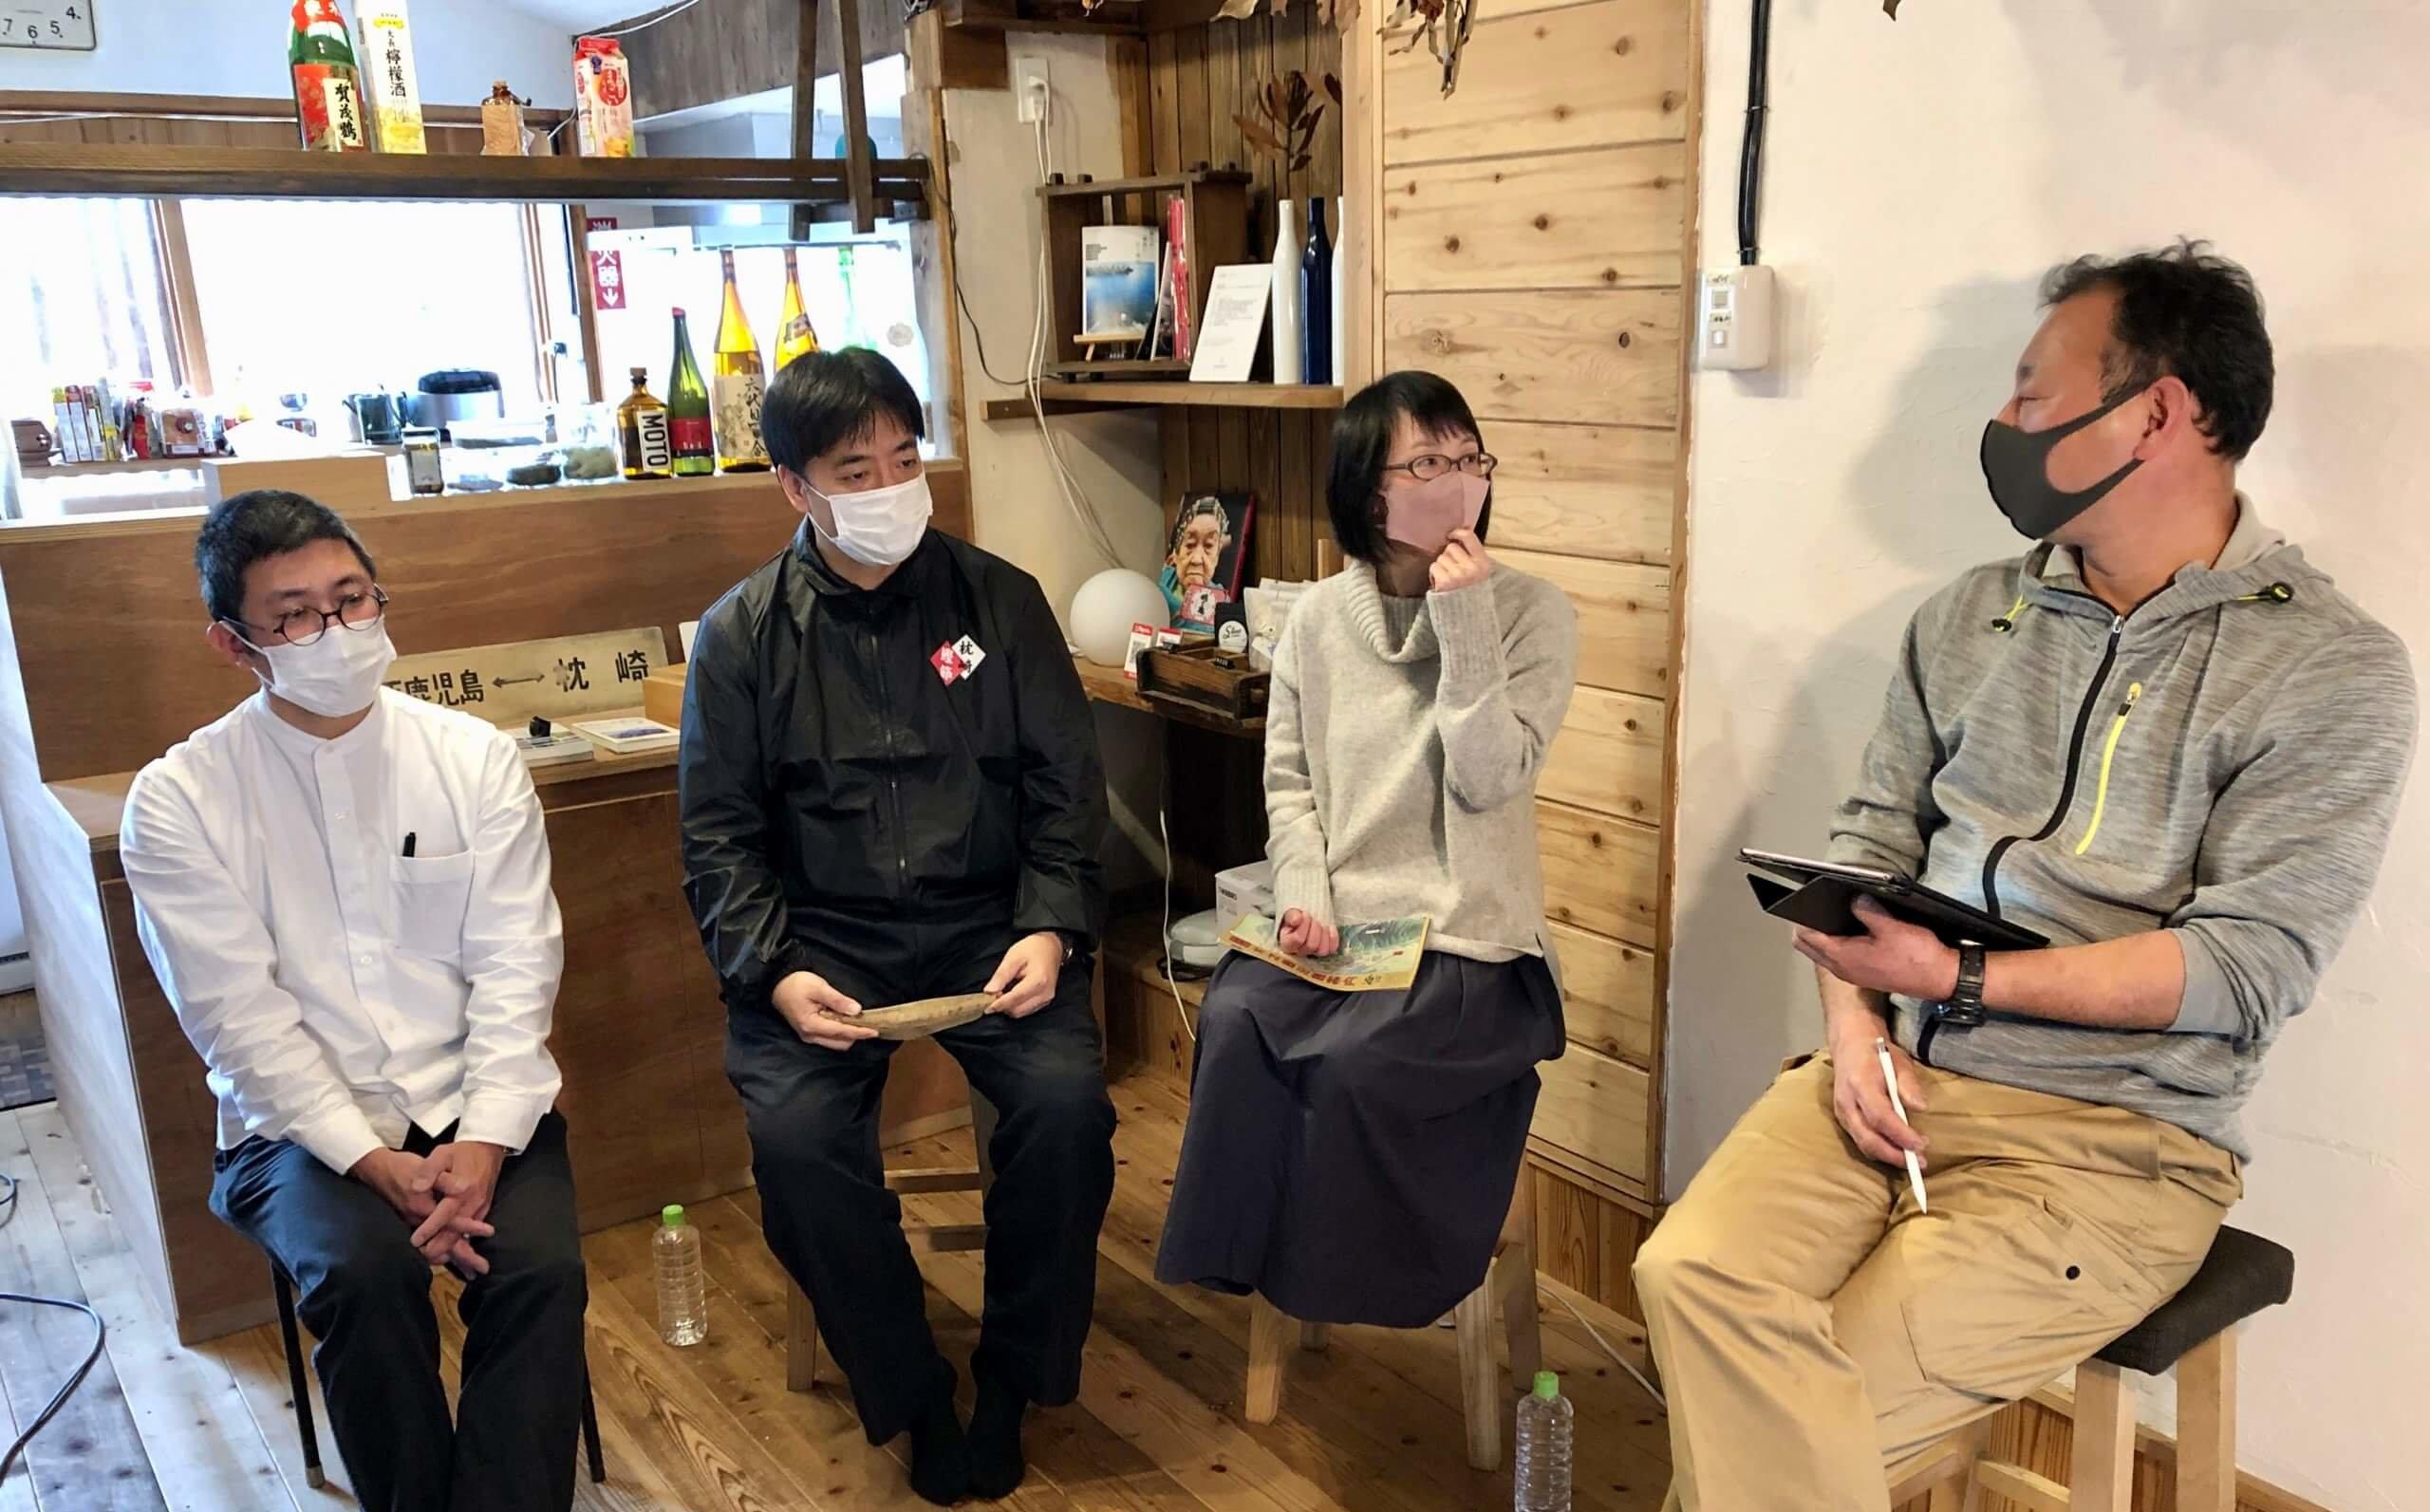 ローカル鉄道と地域の相乗効果づくり 田中輝美さんオンライン講演会・トークセッションが開催されました|頴娃おこそ会 乗りものP